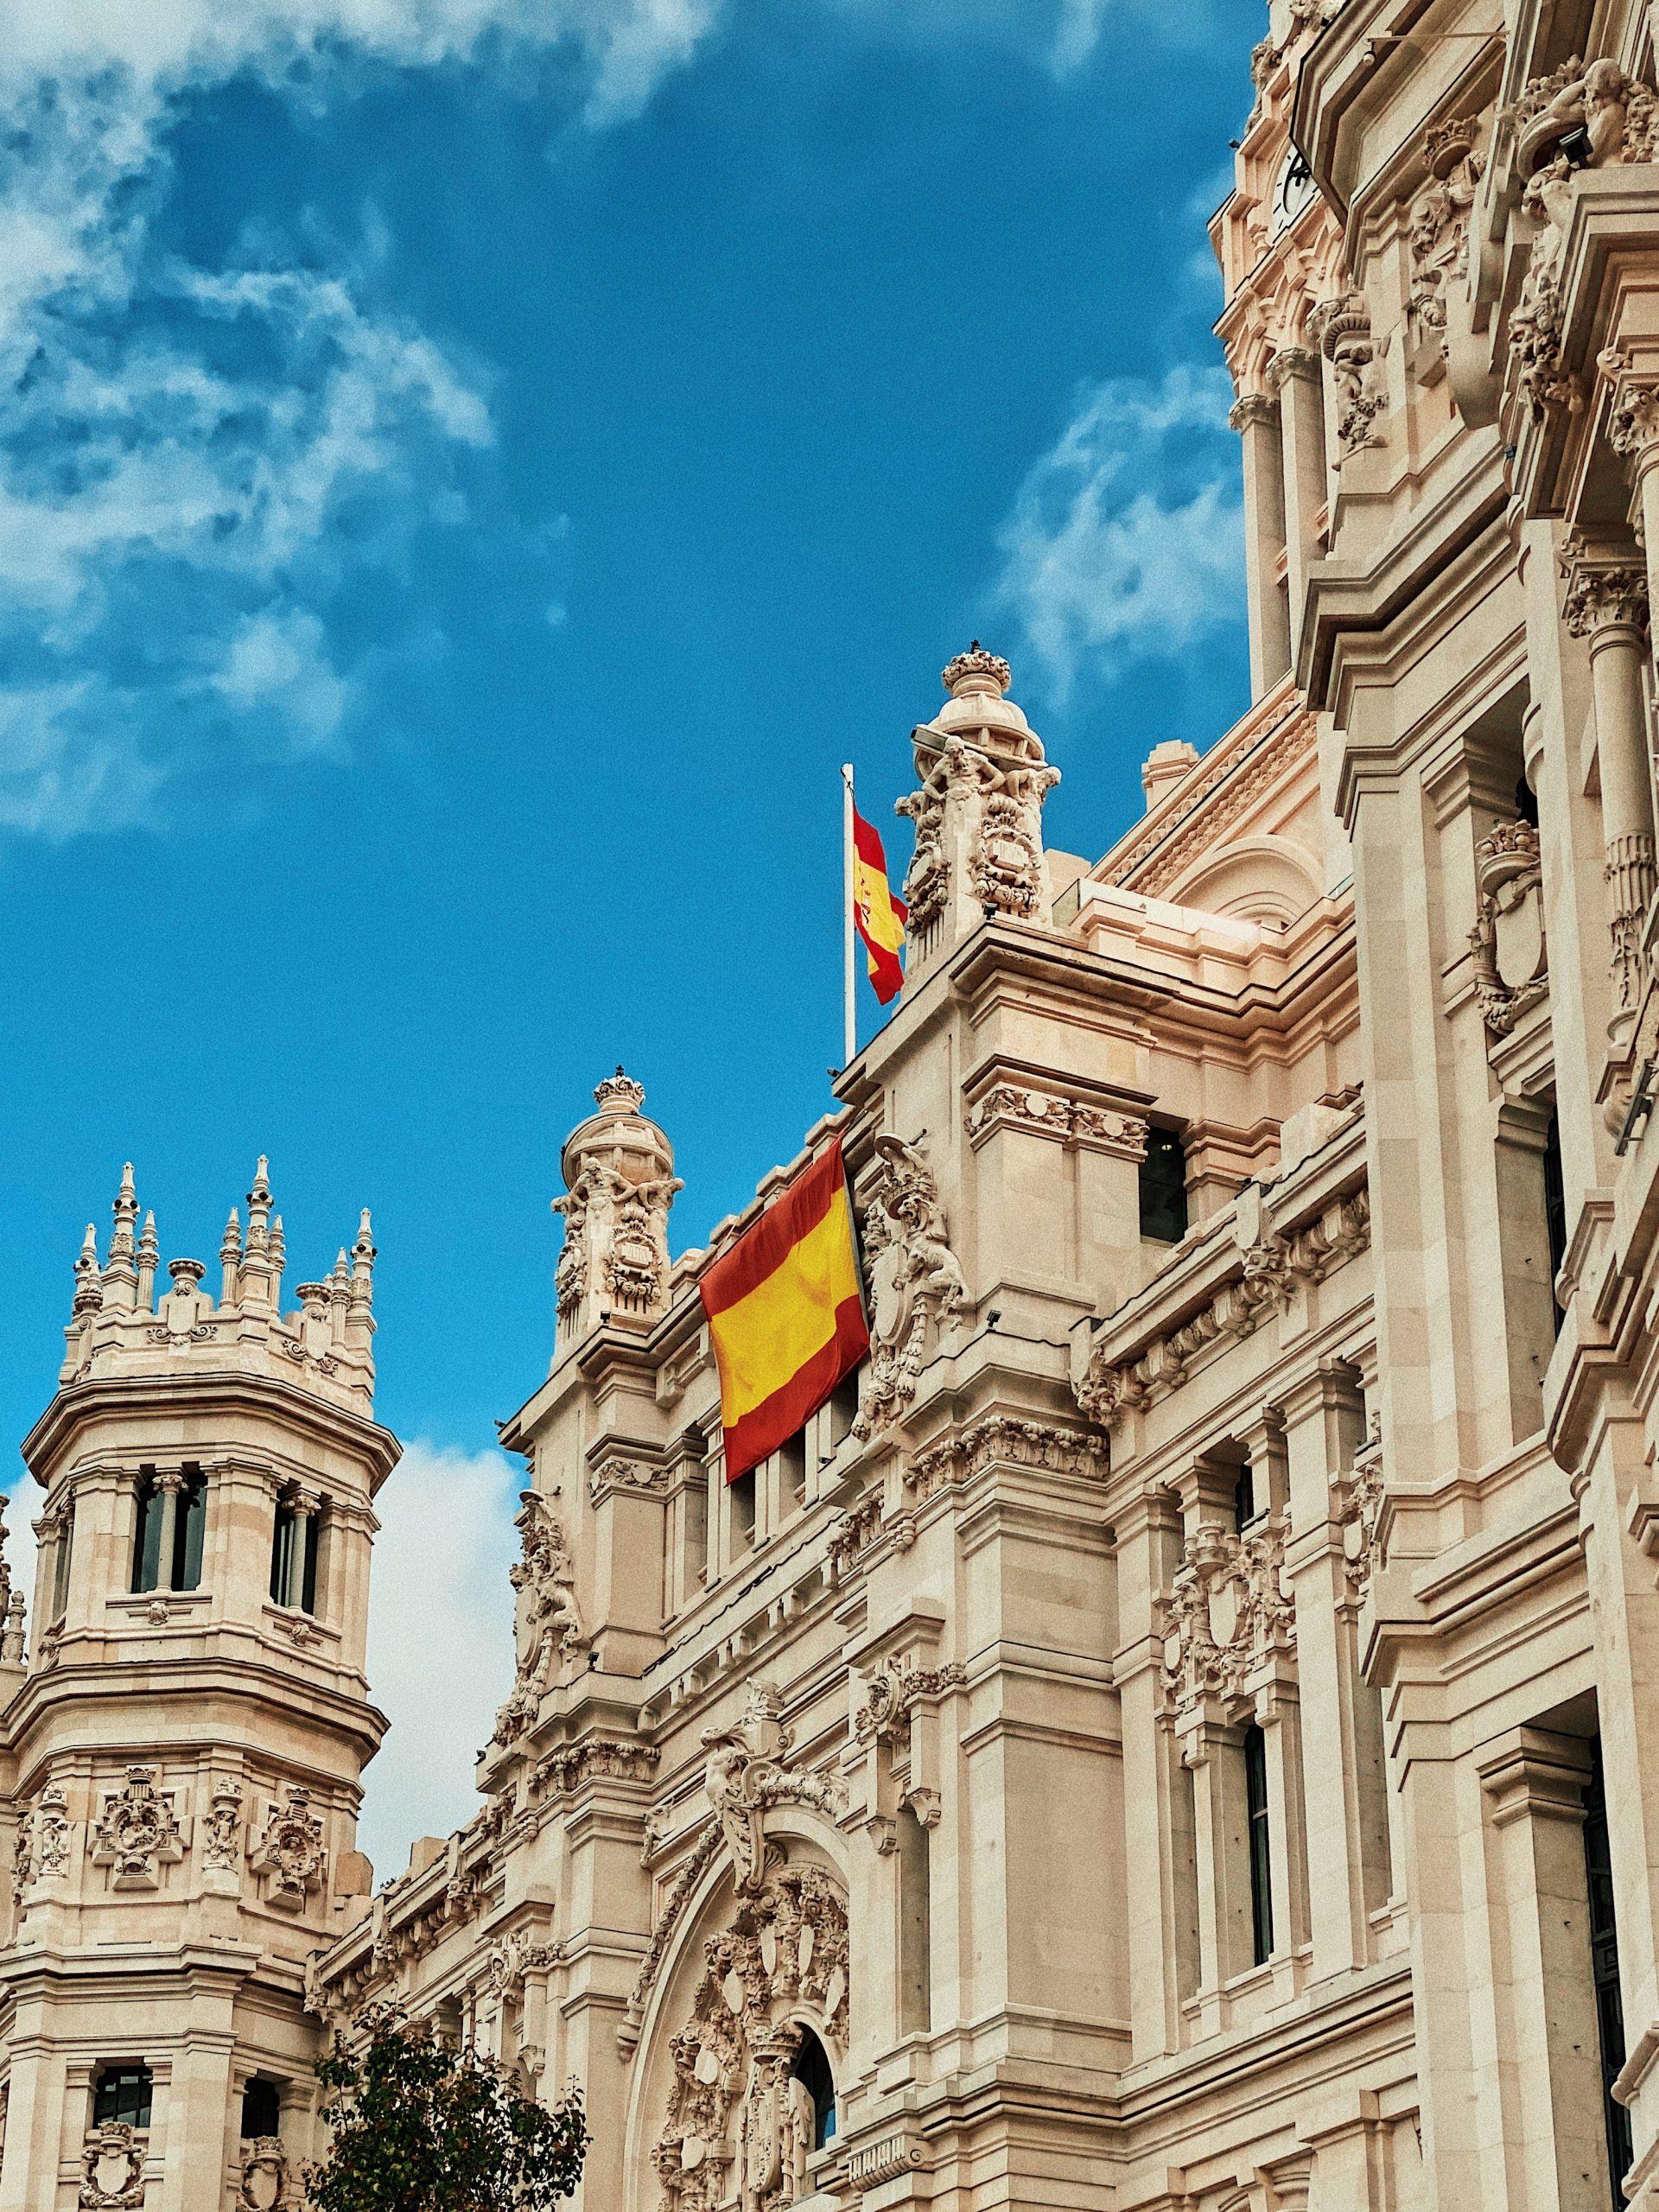 Άγρυπνοι στη Μαδρίτη: Ταξίδι σε μία από τις πιο ζωντανές πόλεις του κόσμου